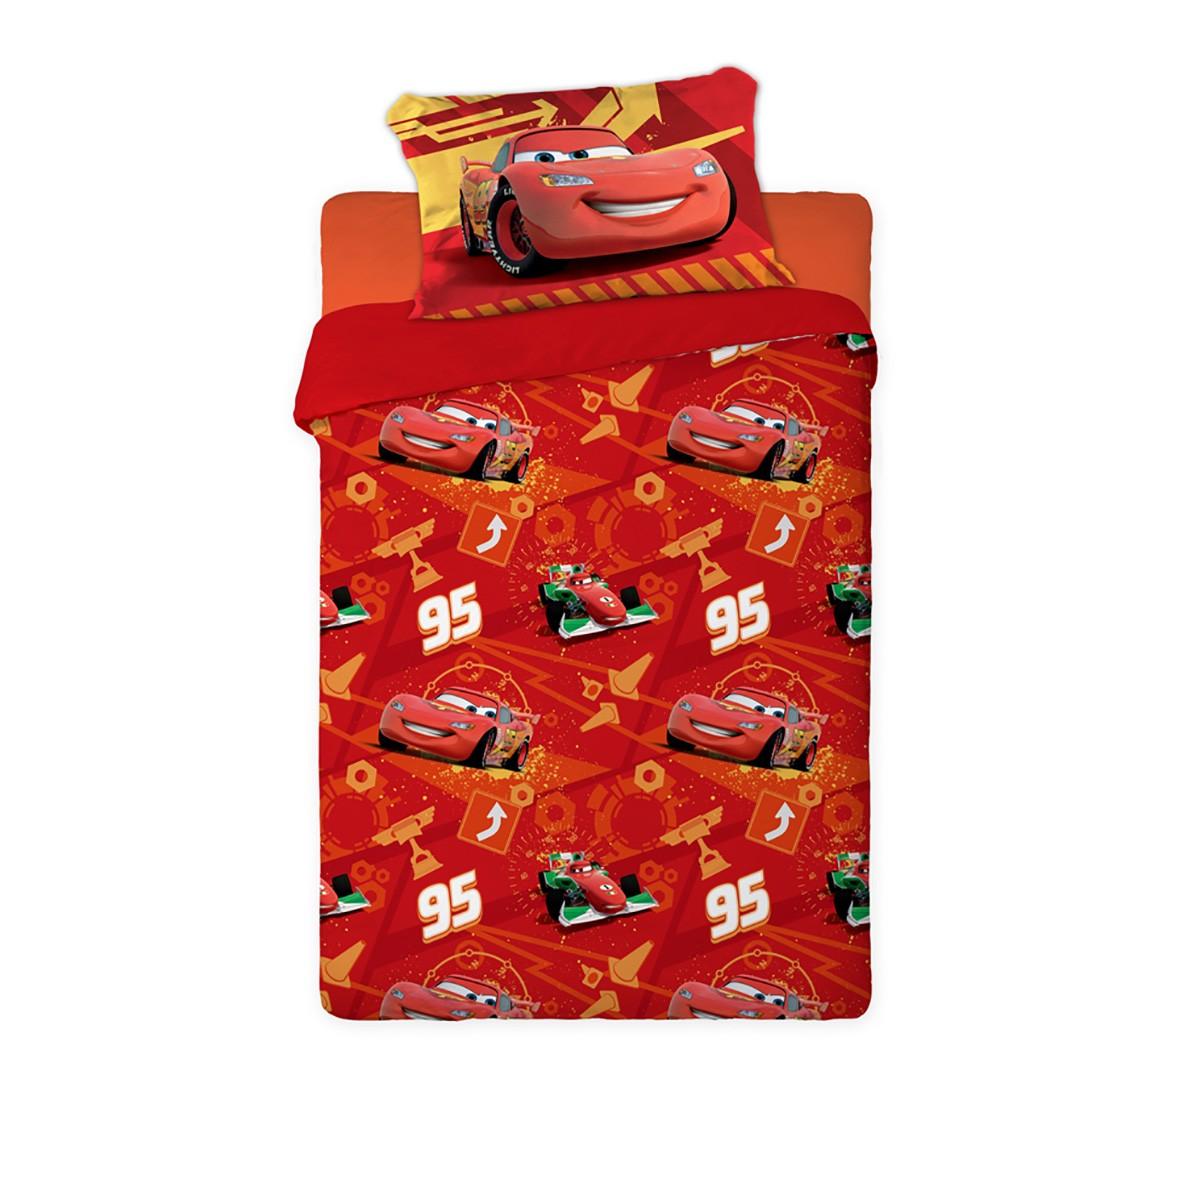 Πάπλωμα Μονό (Σετ) Limneos Disney Cars 730